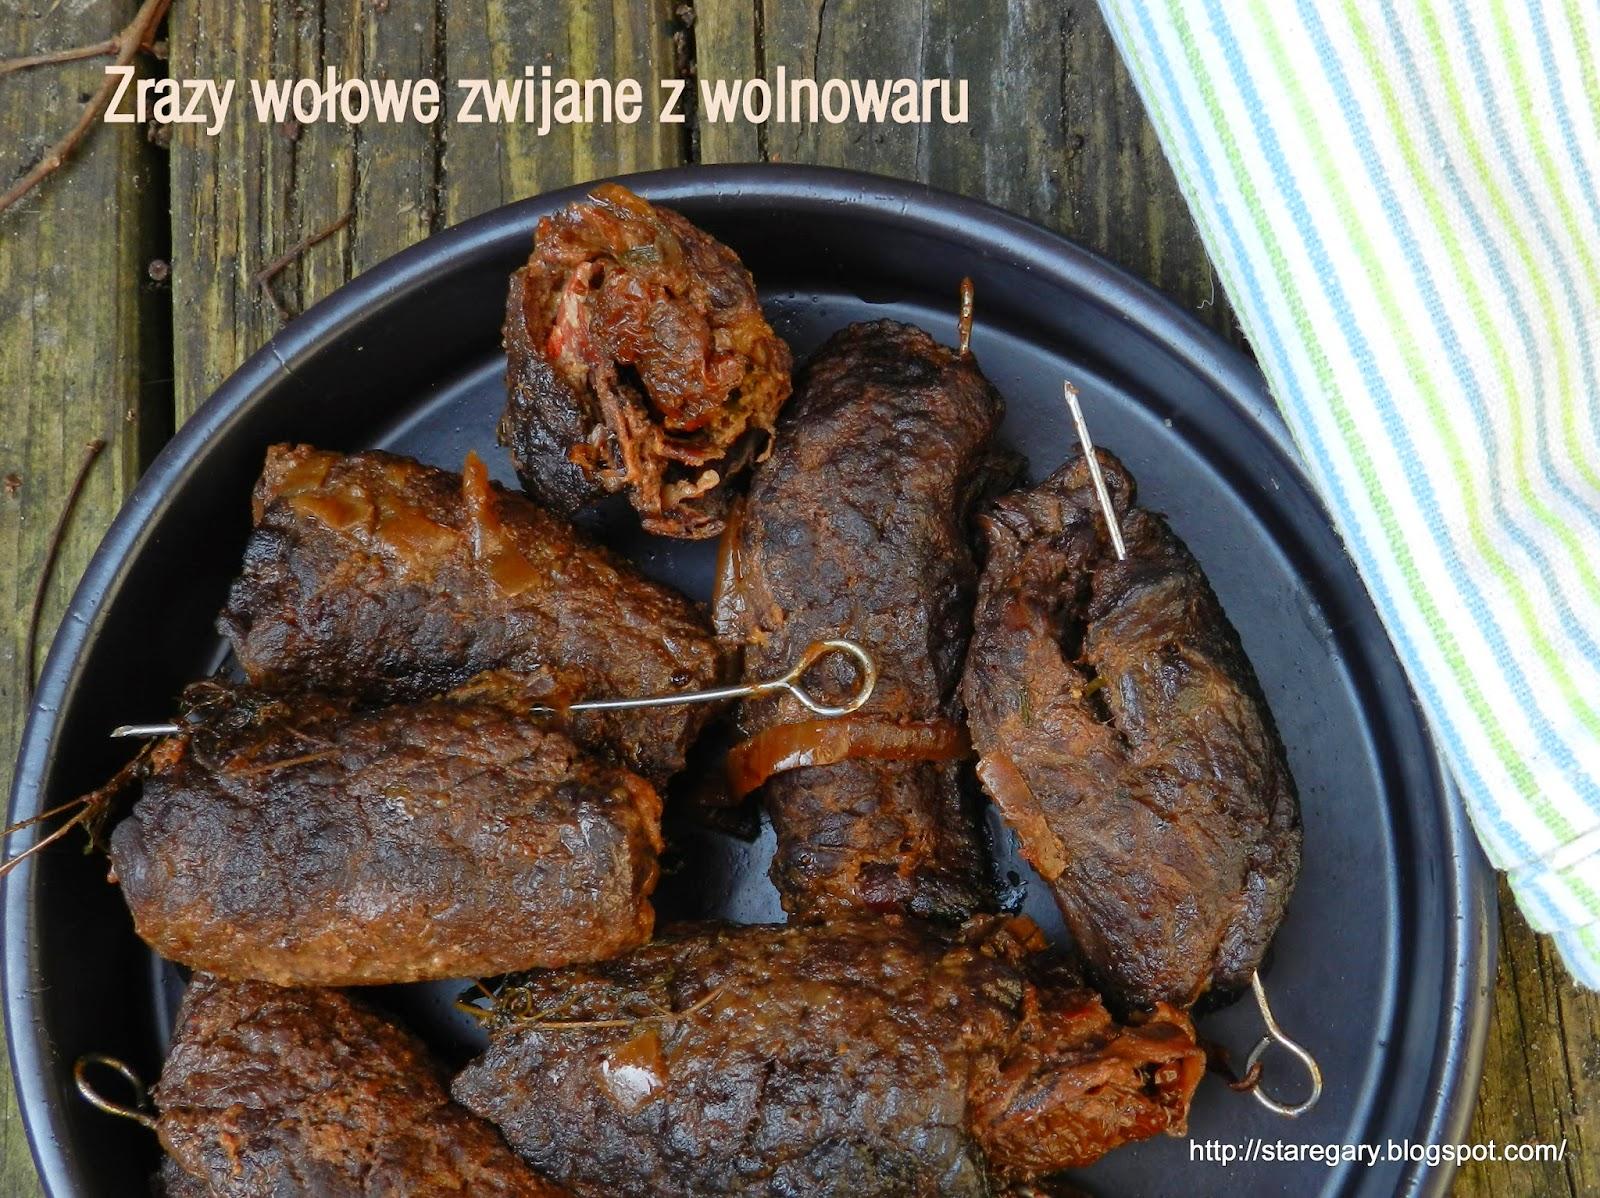 Zrazy wołowe zwijane z suszonymi pomidorami, z wolnowaru